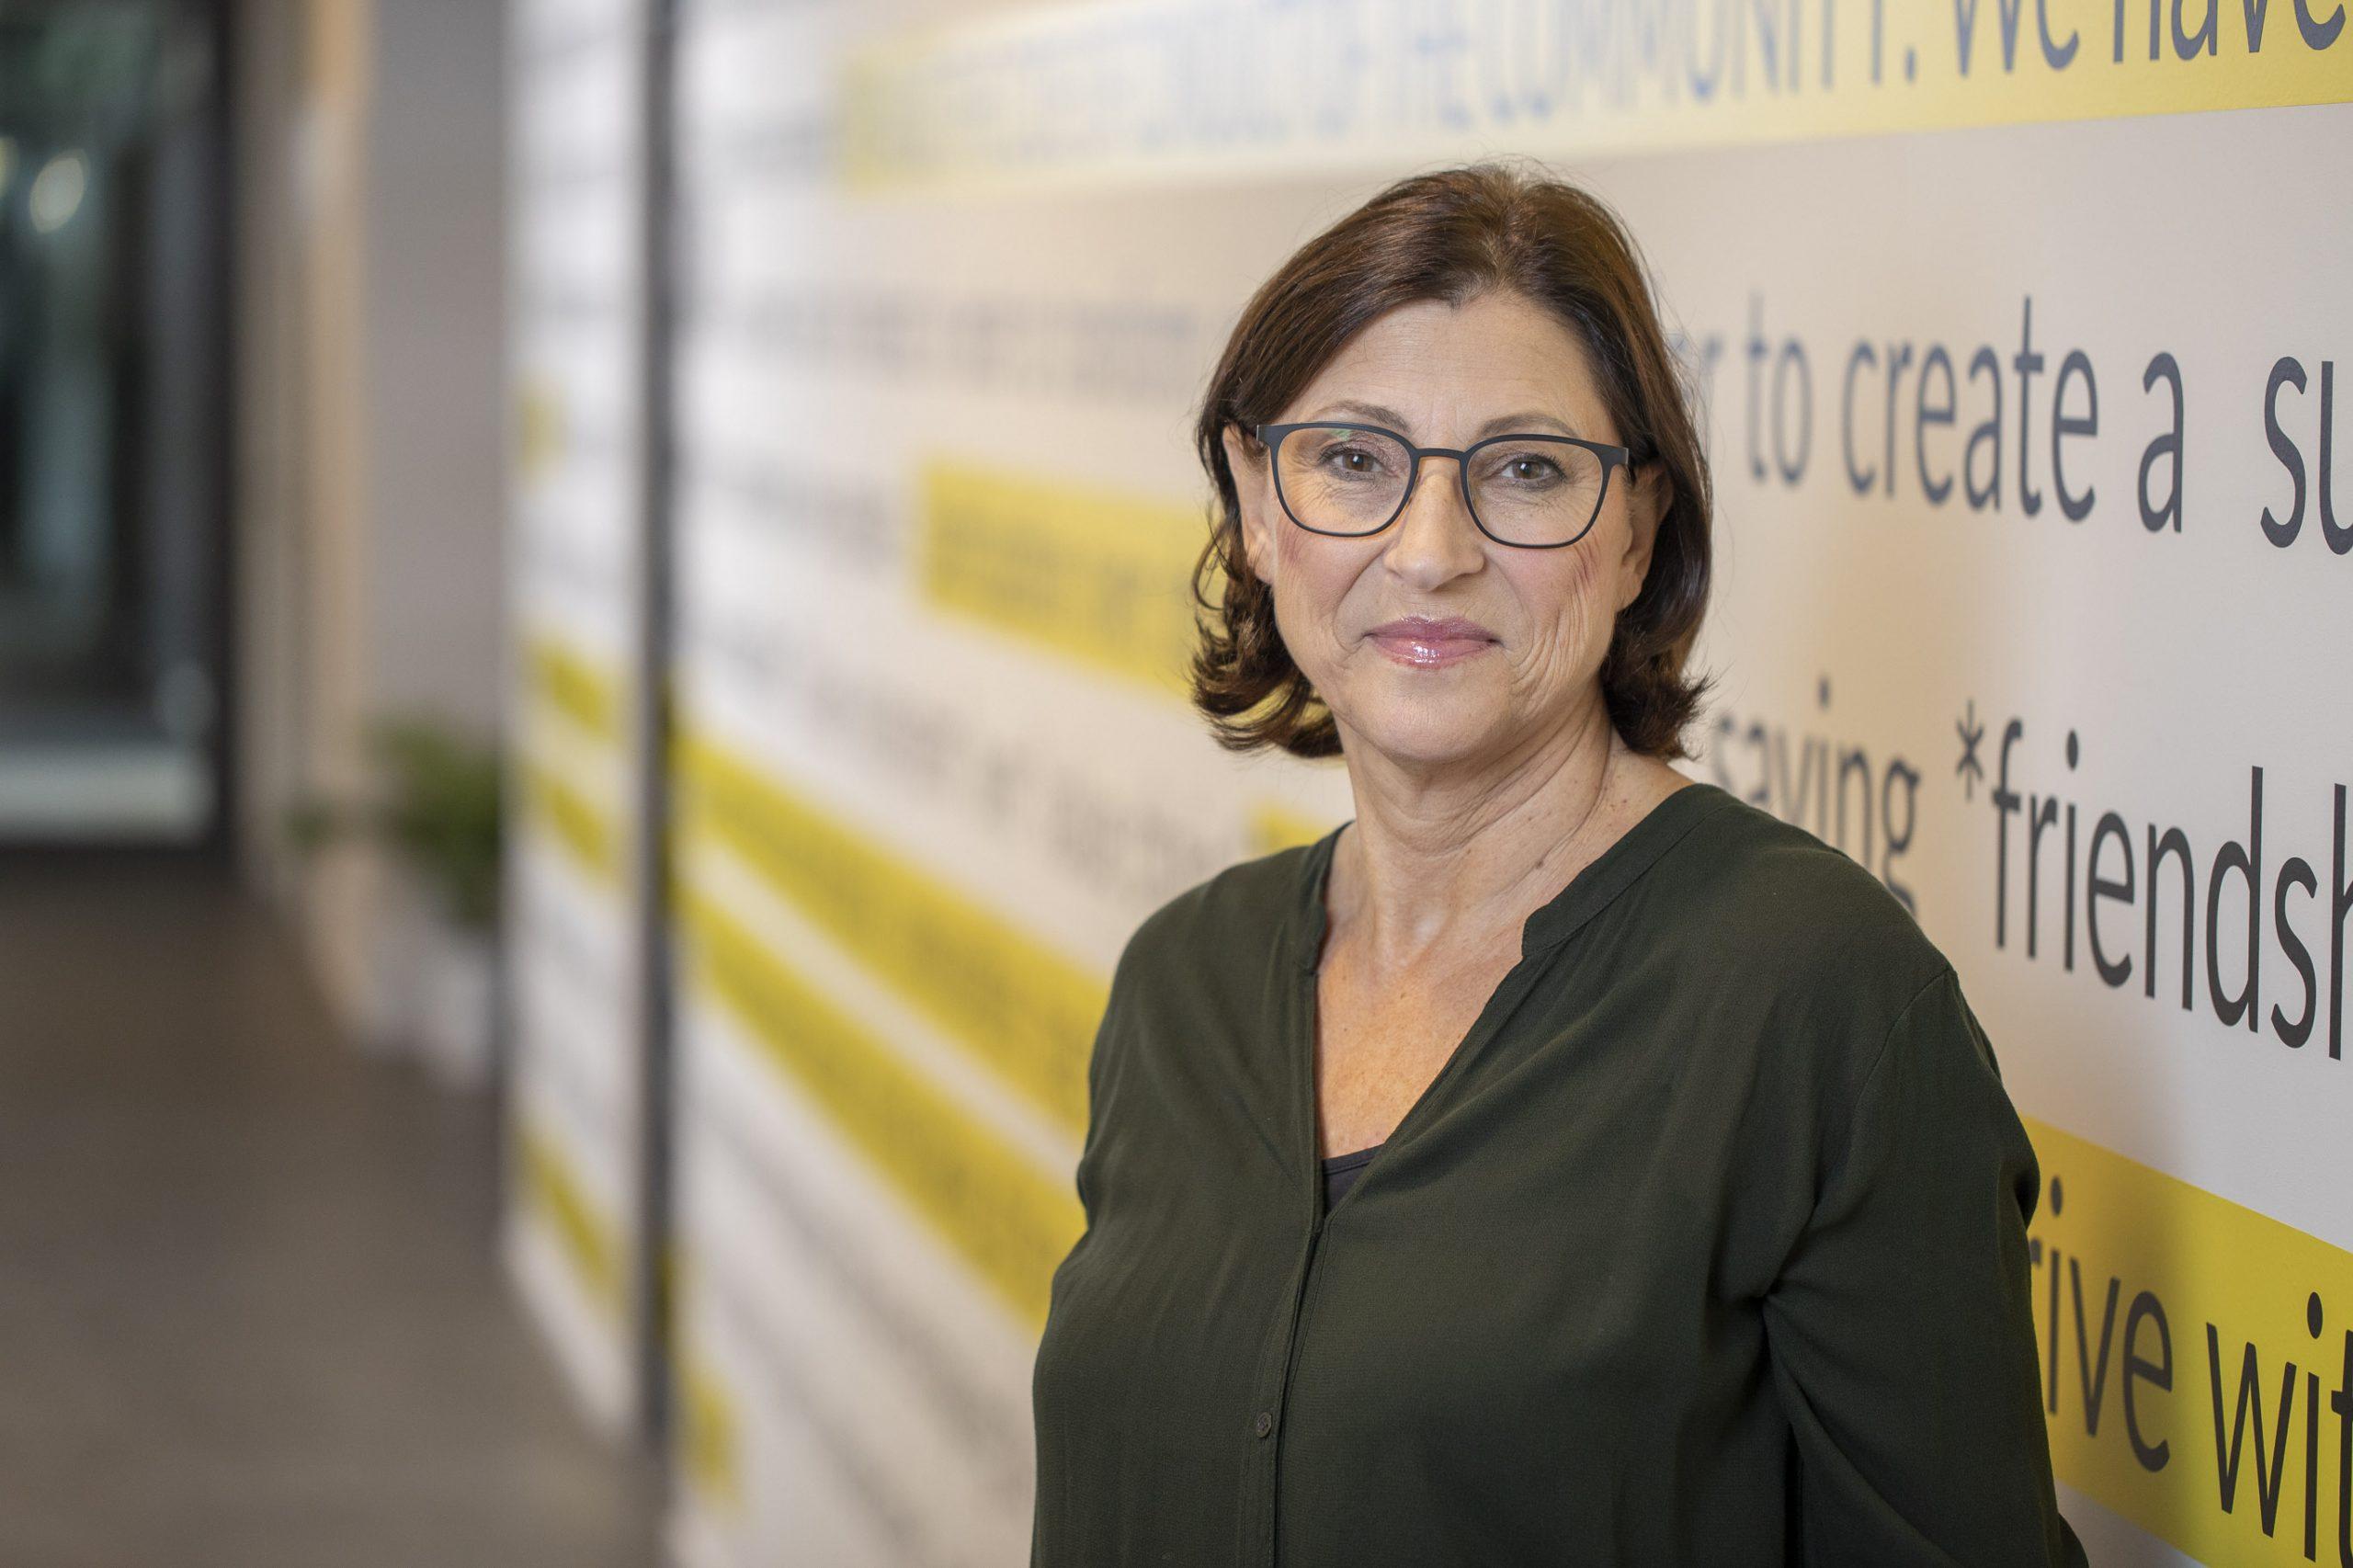 Cristina Brandt-Weil